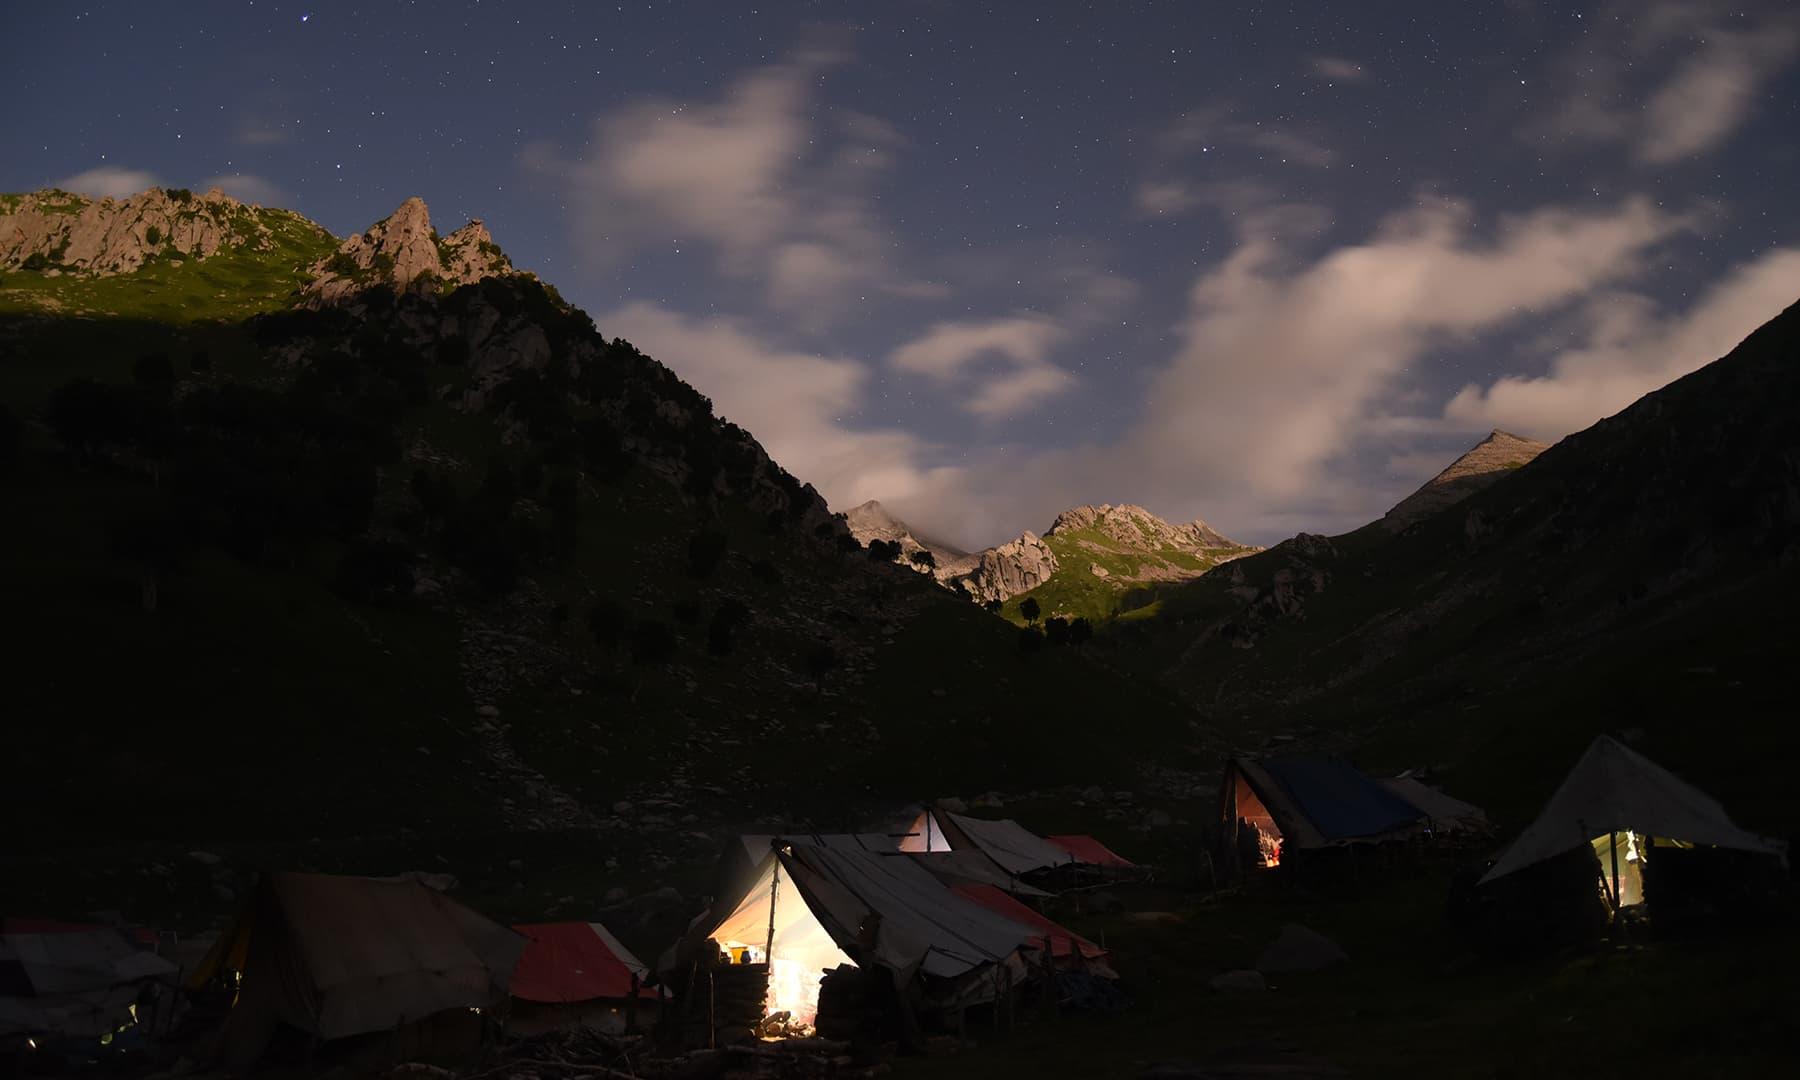 اندھیری رات میں چمکتے ستارے—تصویر  سلمان خان